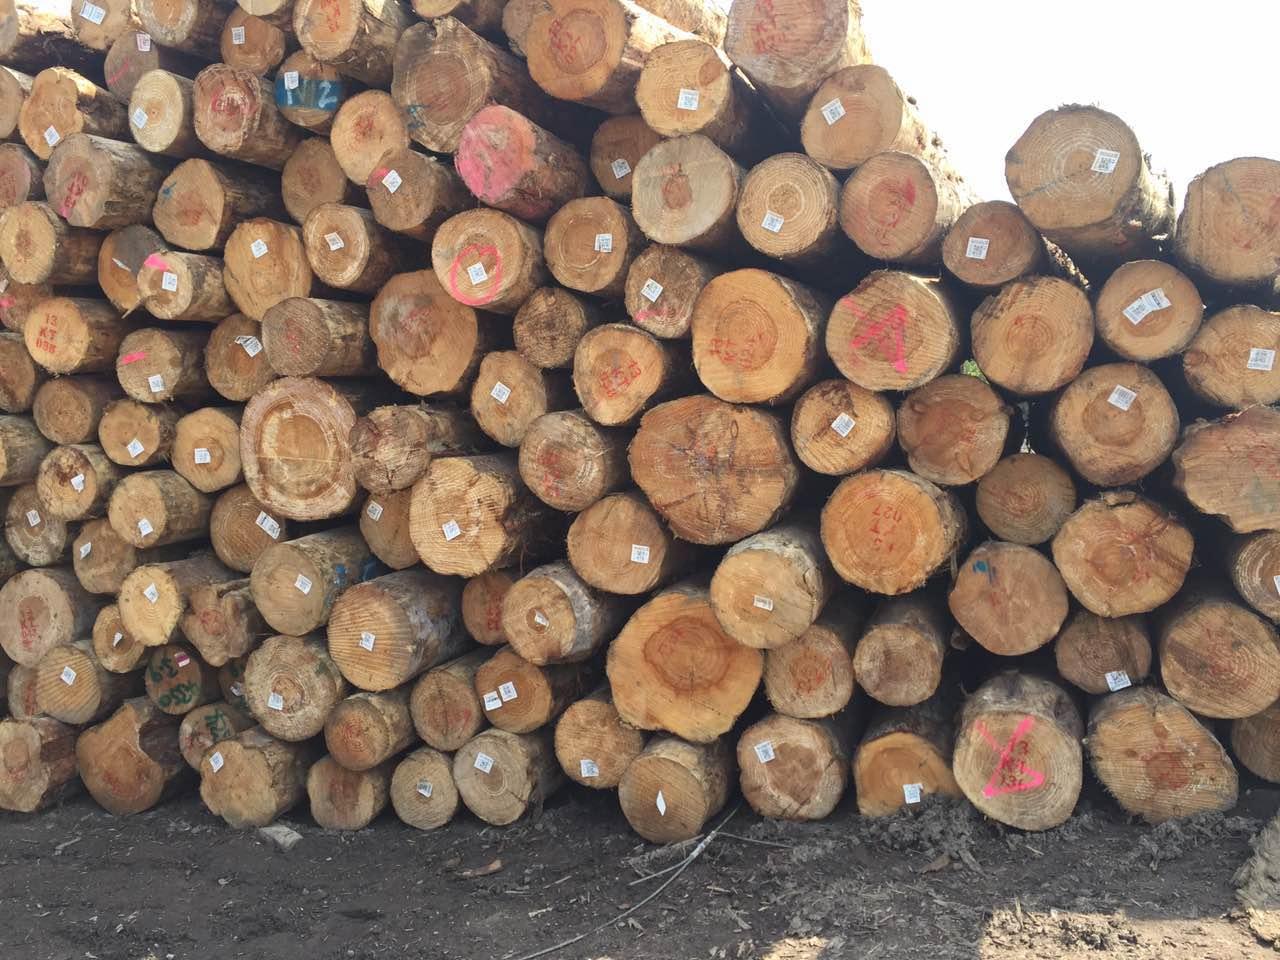 【周评】节后各地陆续开工,木材价格持续走高